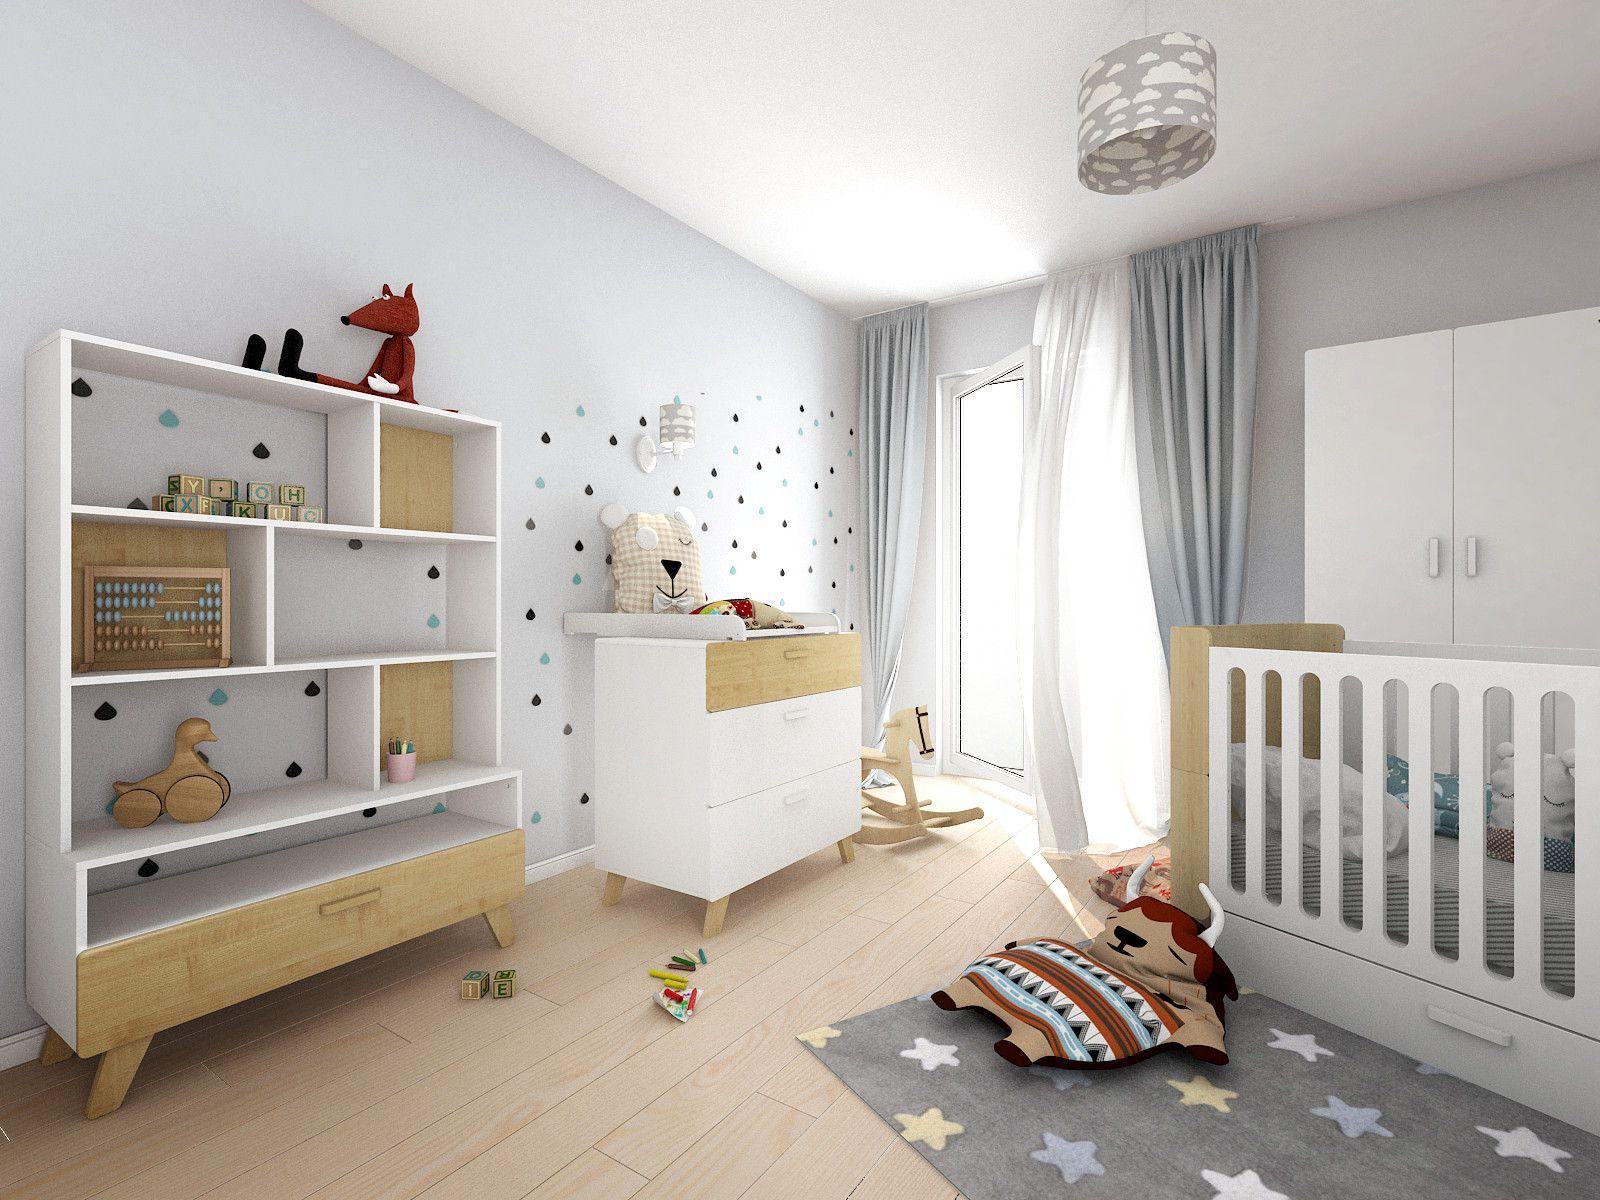 Kinderbett, Wickelkommode und Buchregal haben einen tollen